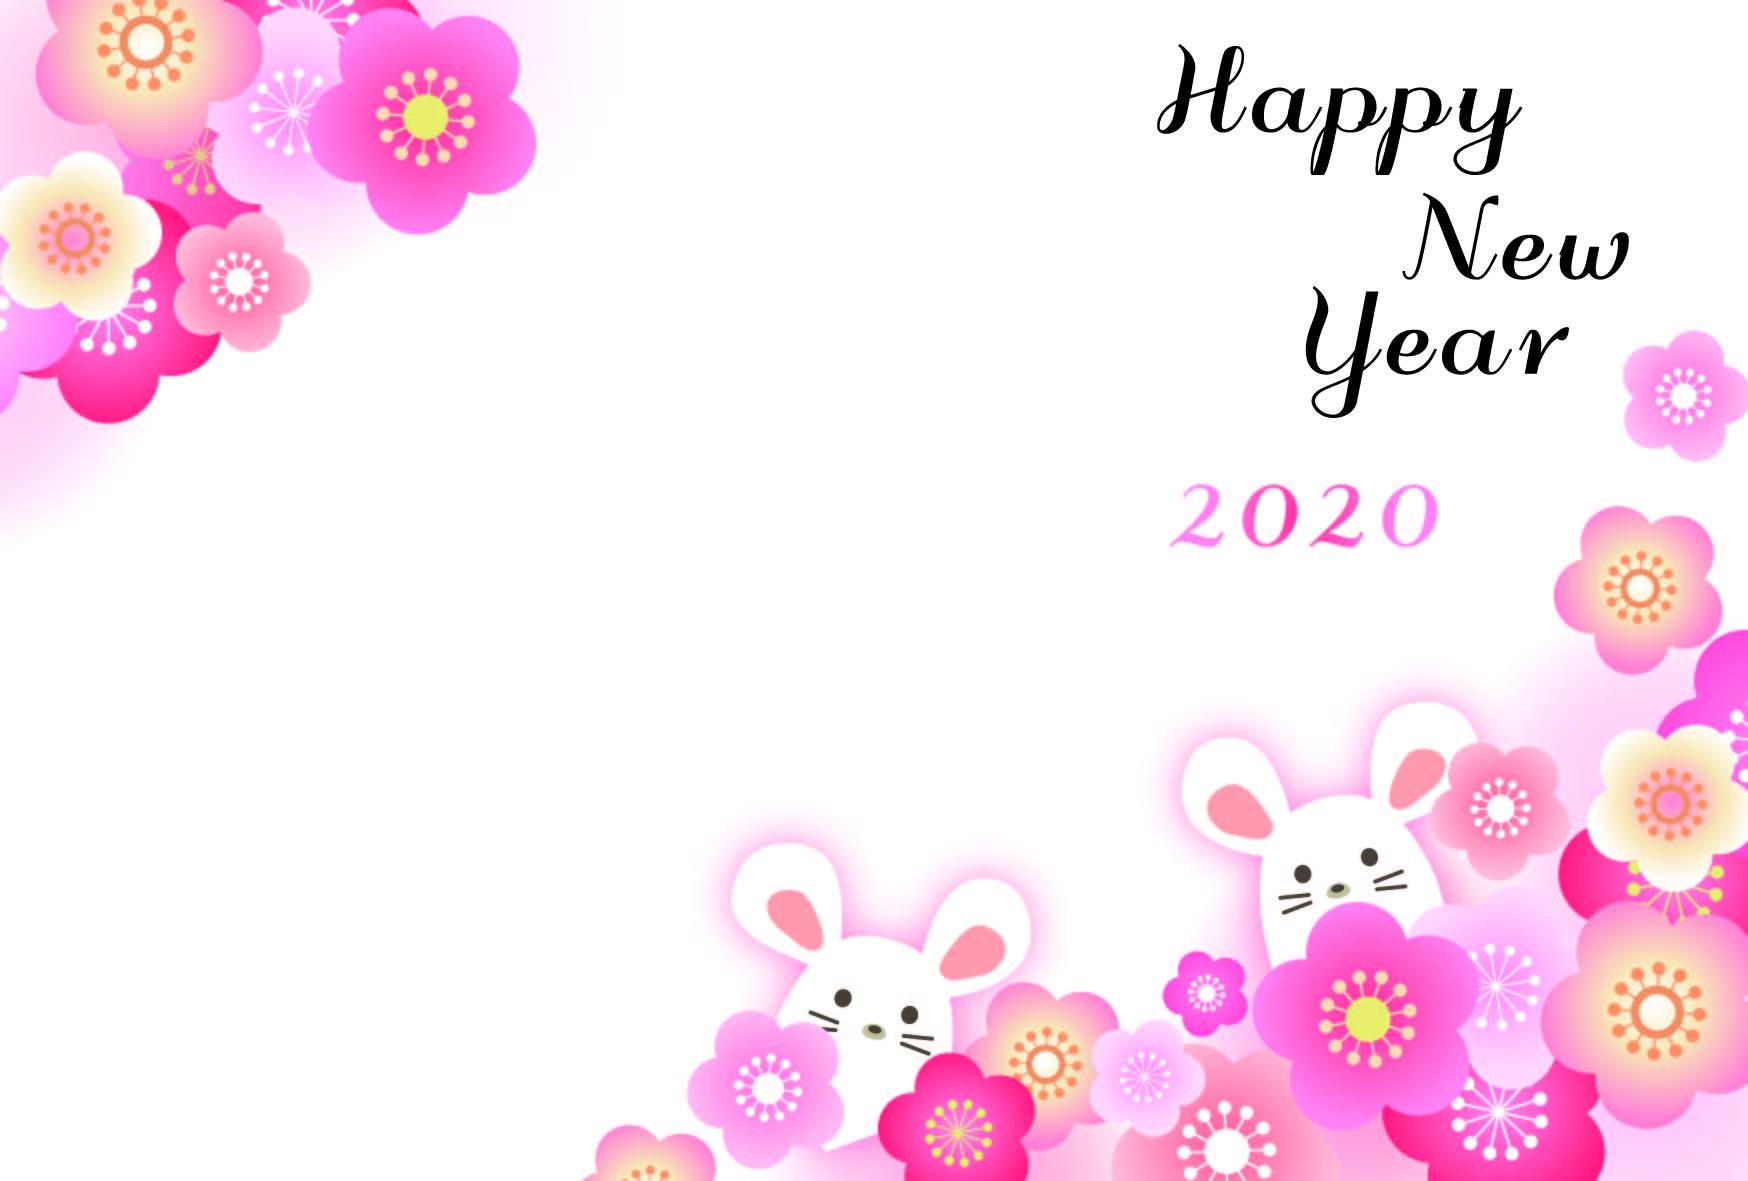 梅の花から顔を出す2020年の干支「子年」年賀状のイラストデザイン